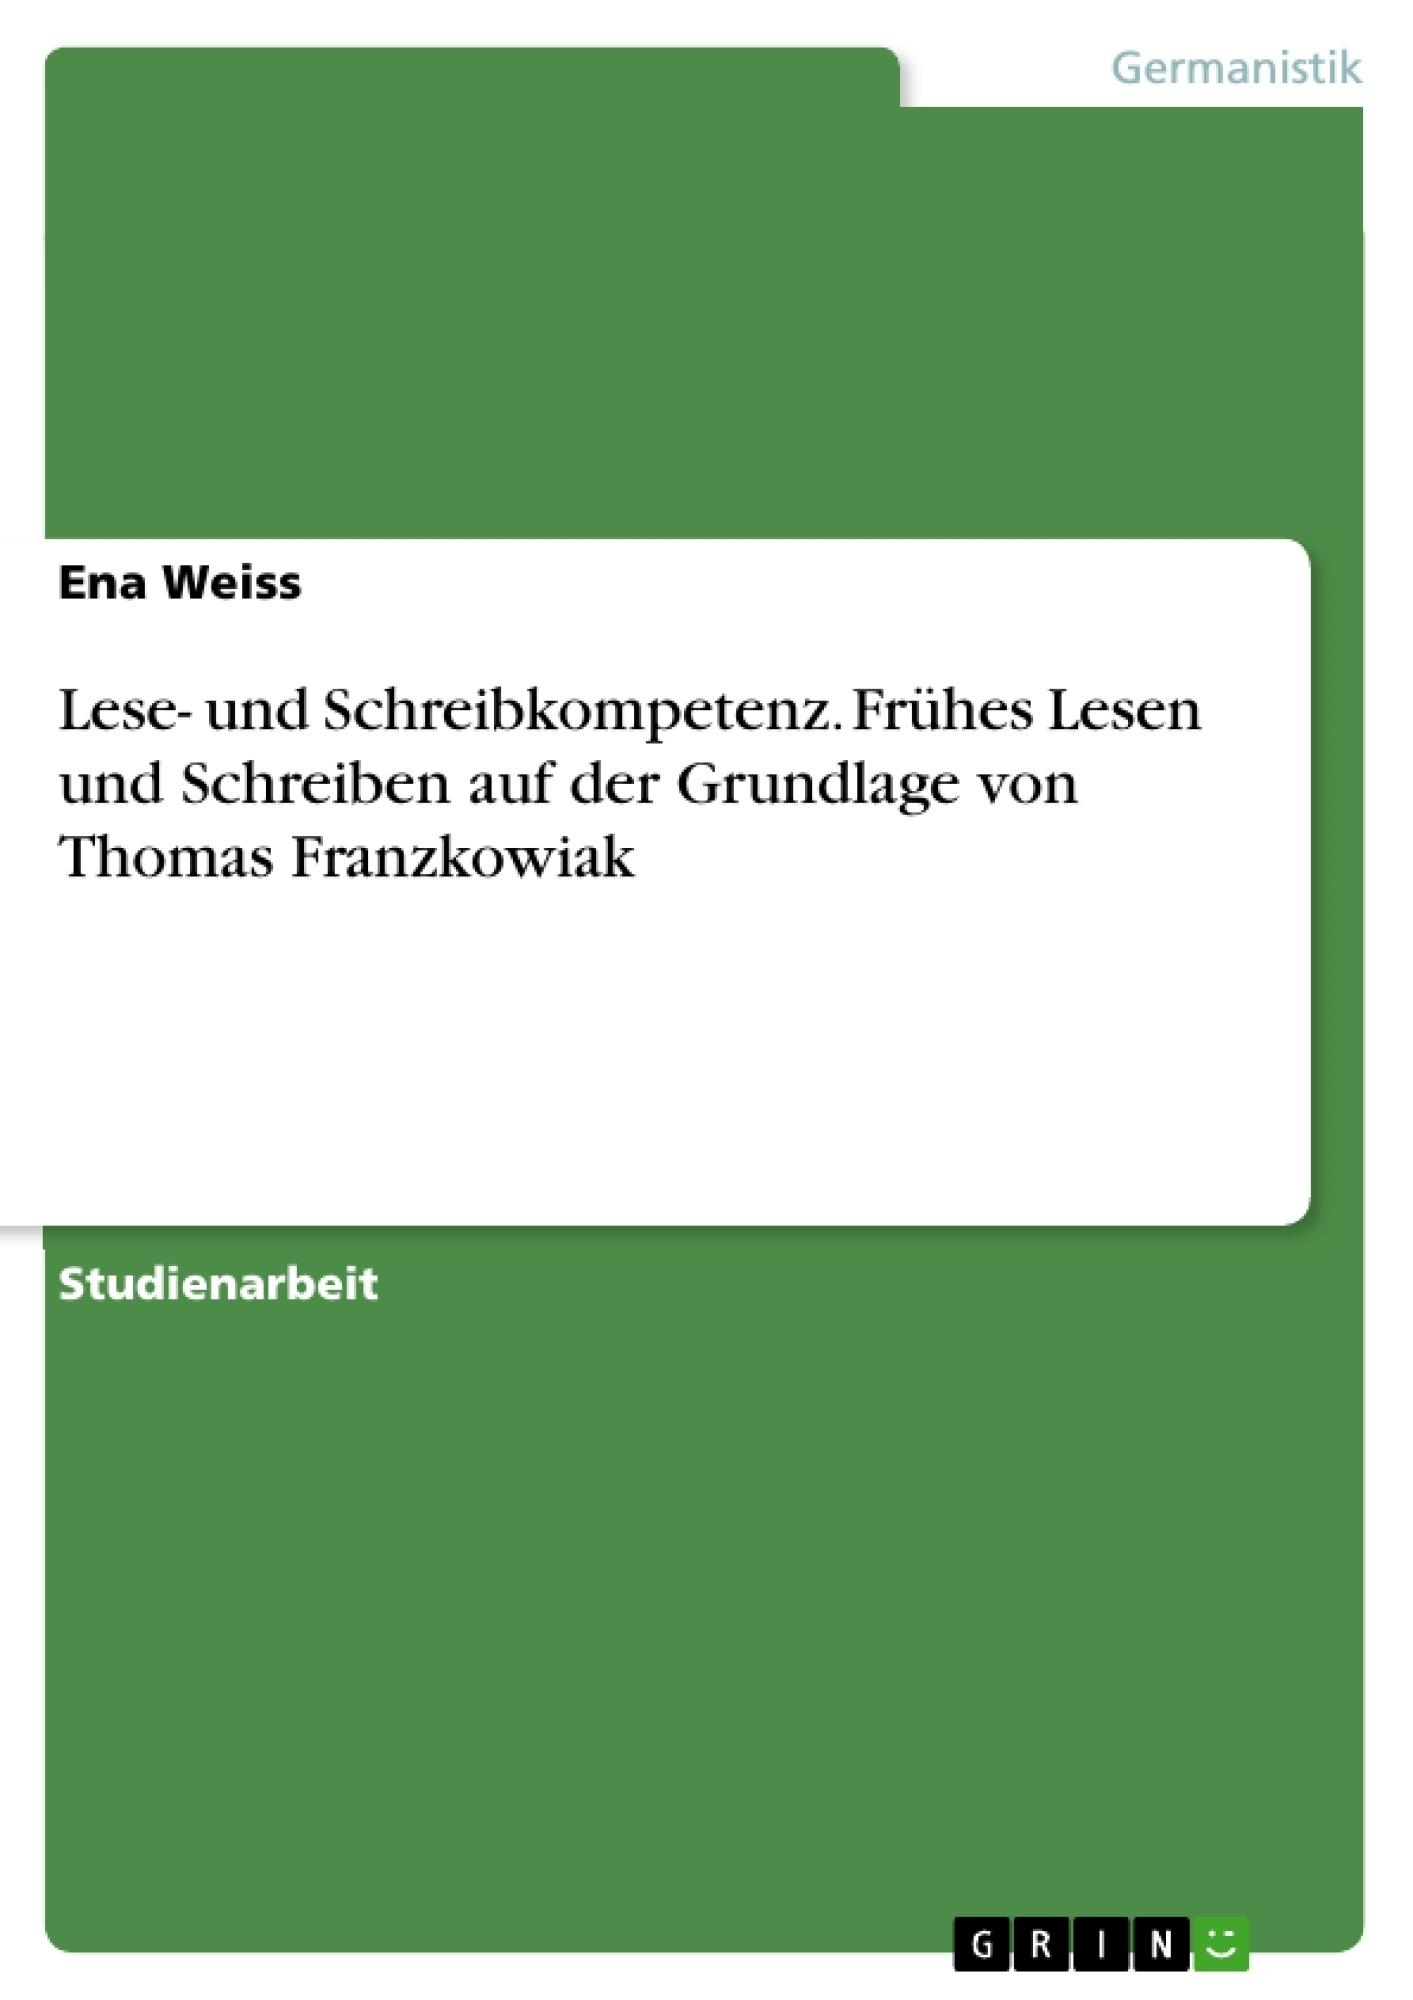 Titel: Lese- und Schreibkompetenz. Frühes Lesen und Schreiben auf der Grundlage von Thomas Franzkowiak